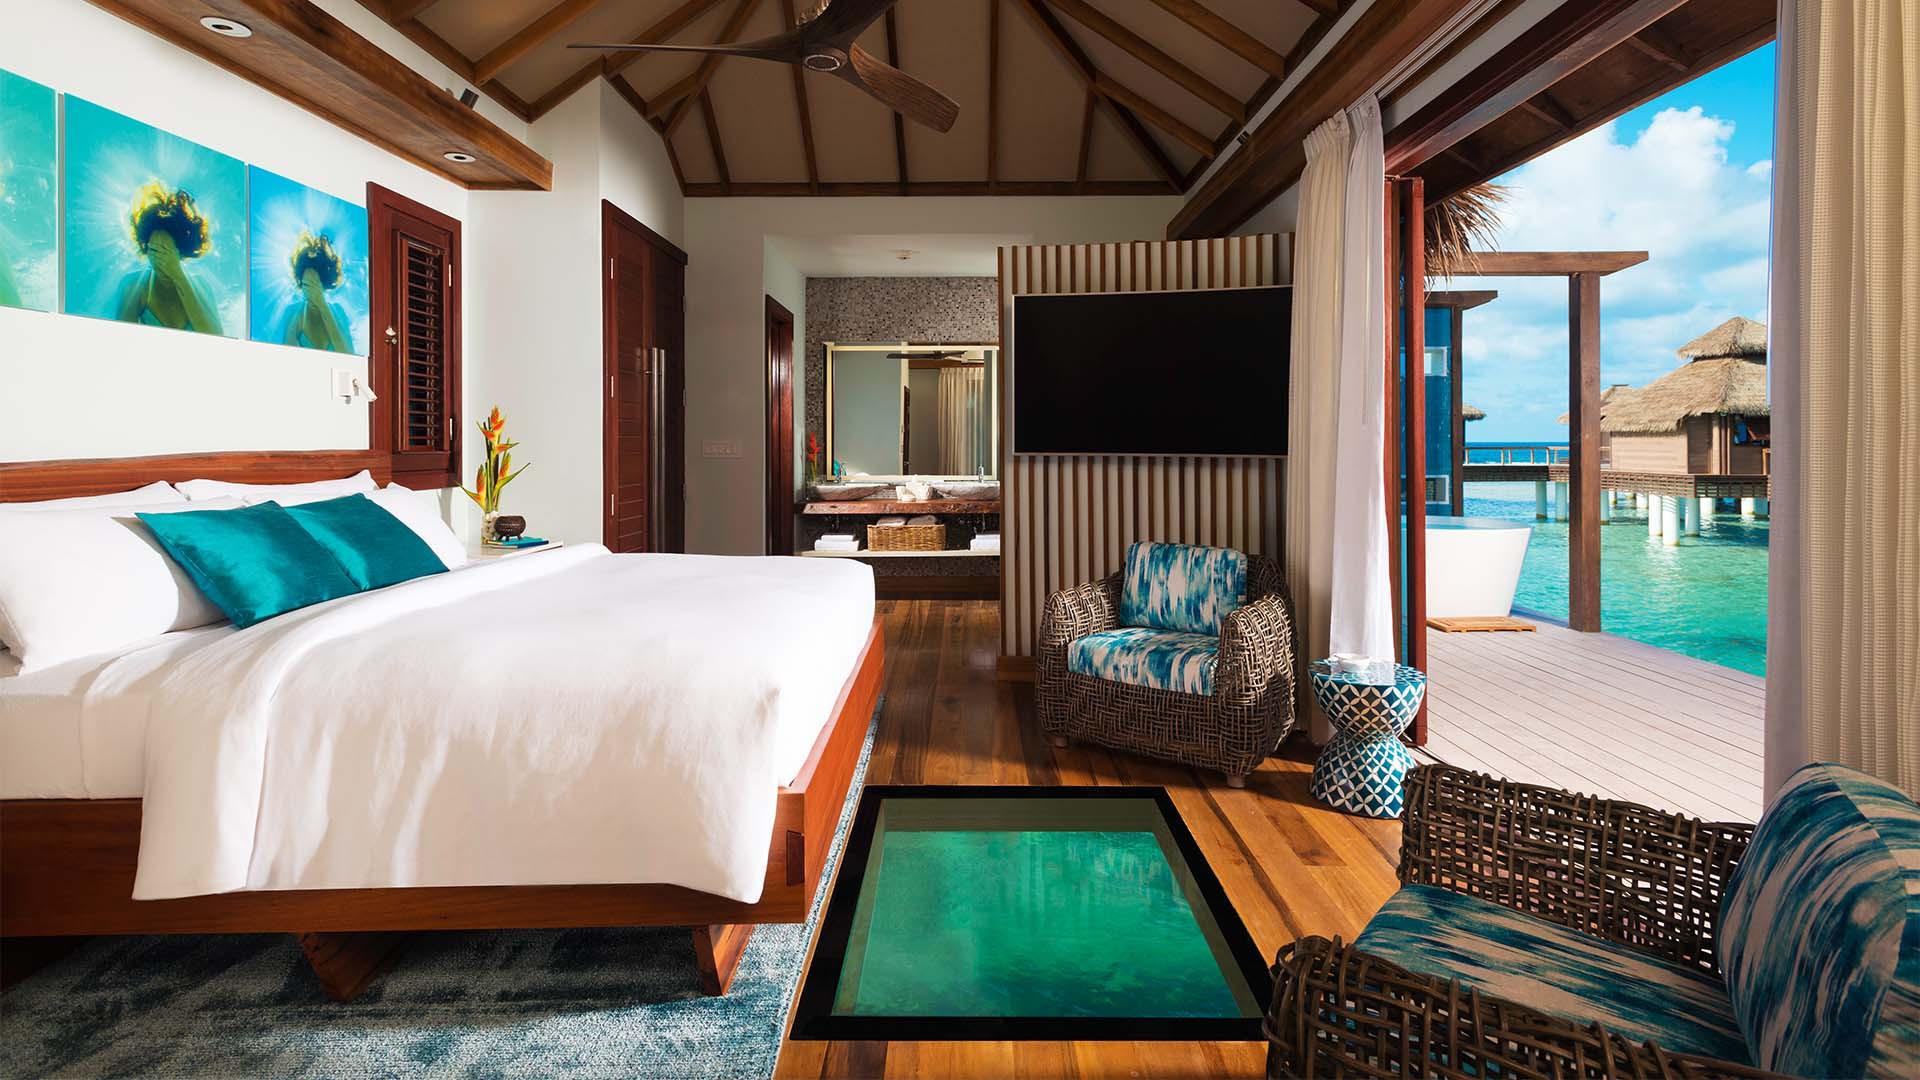 Bedroom at Sandals over water villas